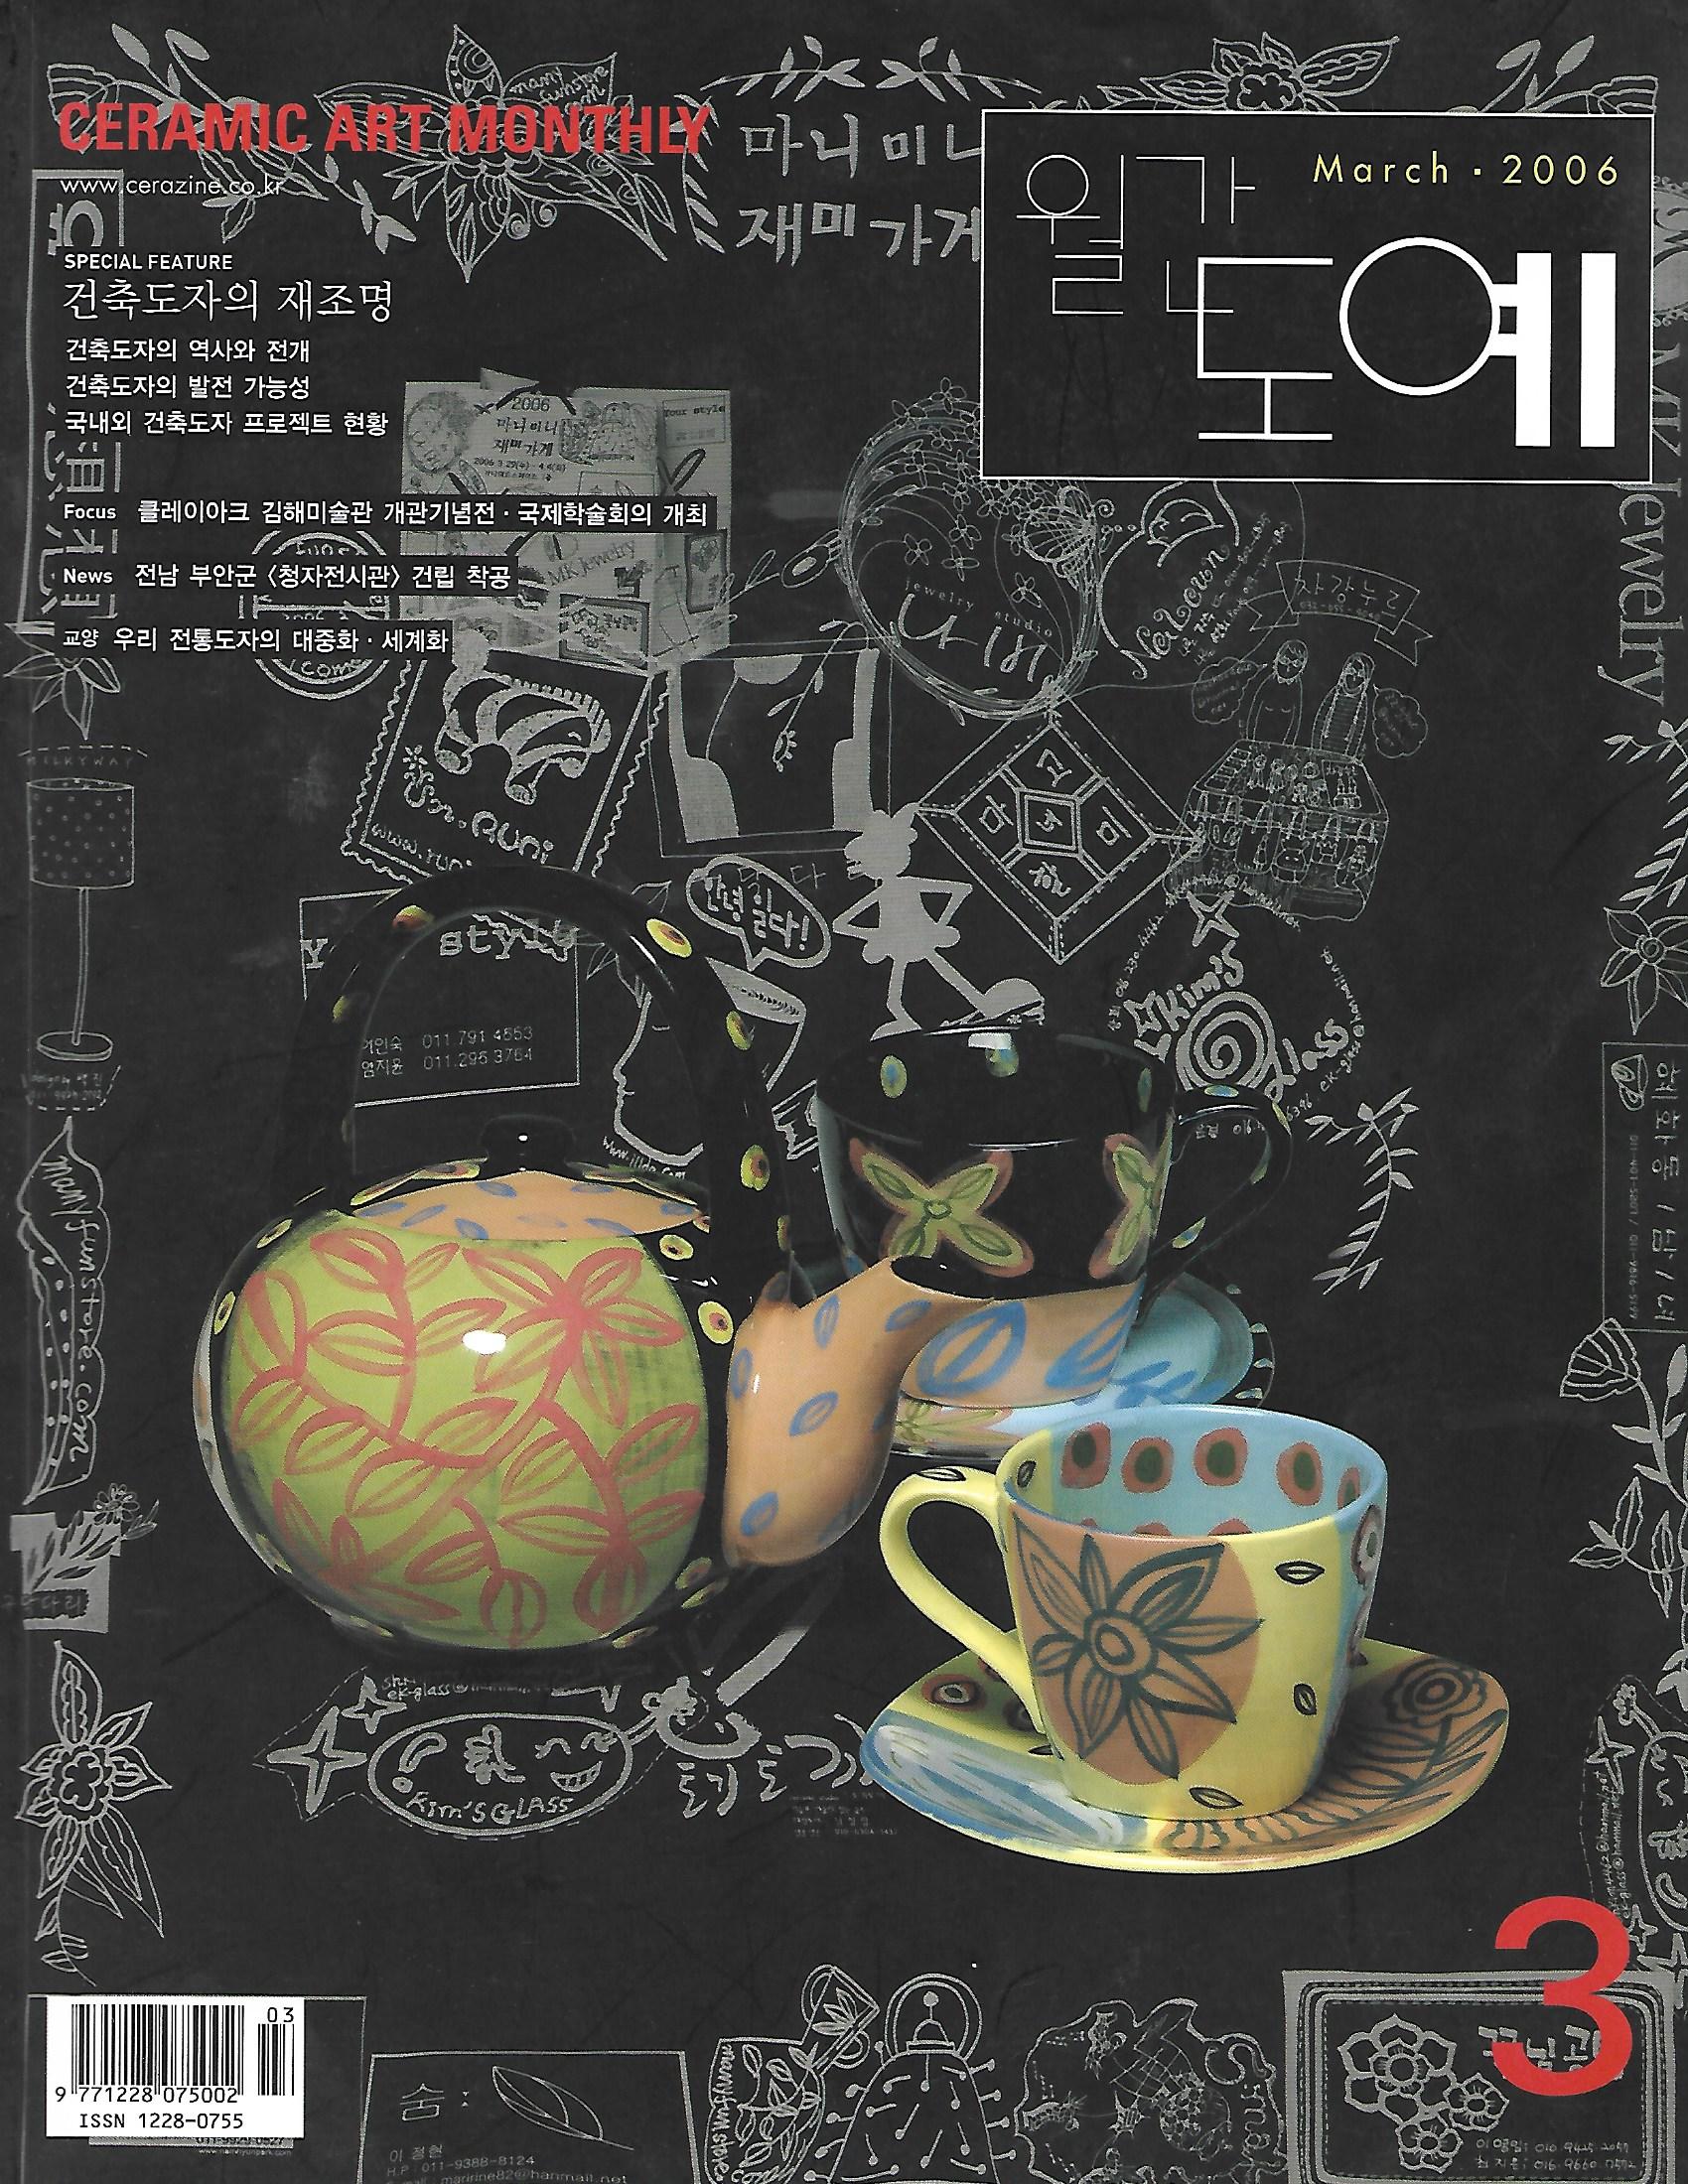 © Korean Ceramic Art Monthly